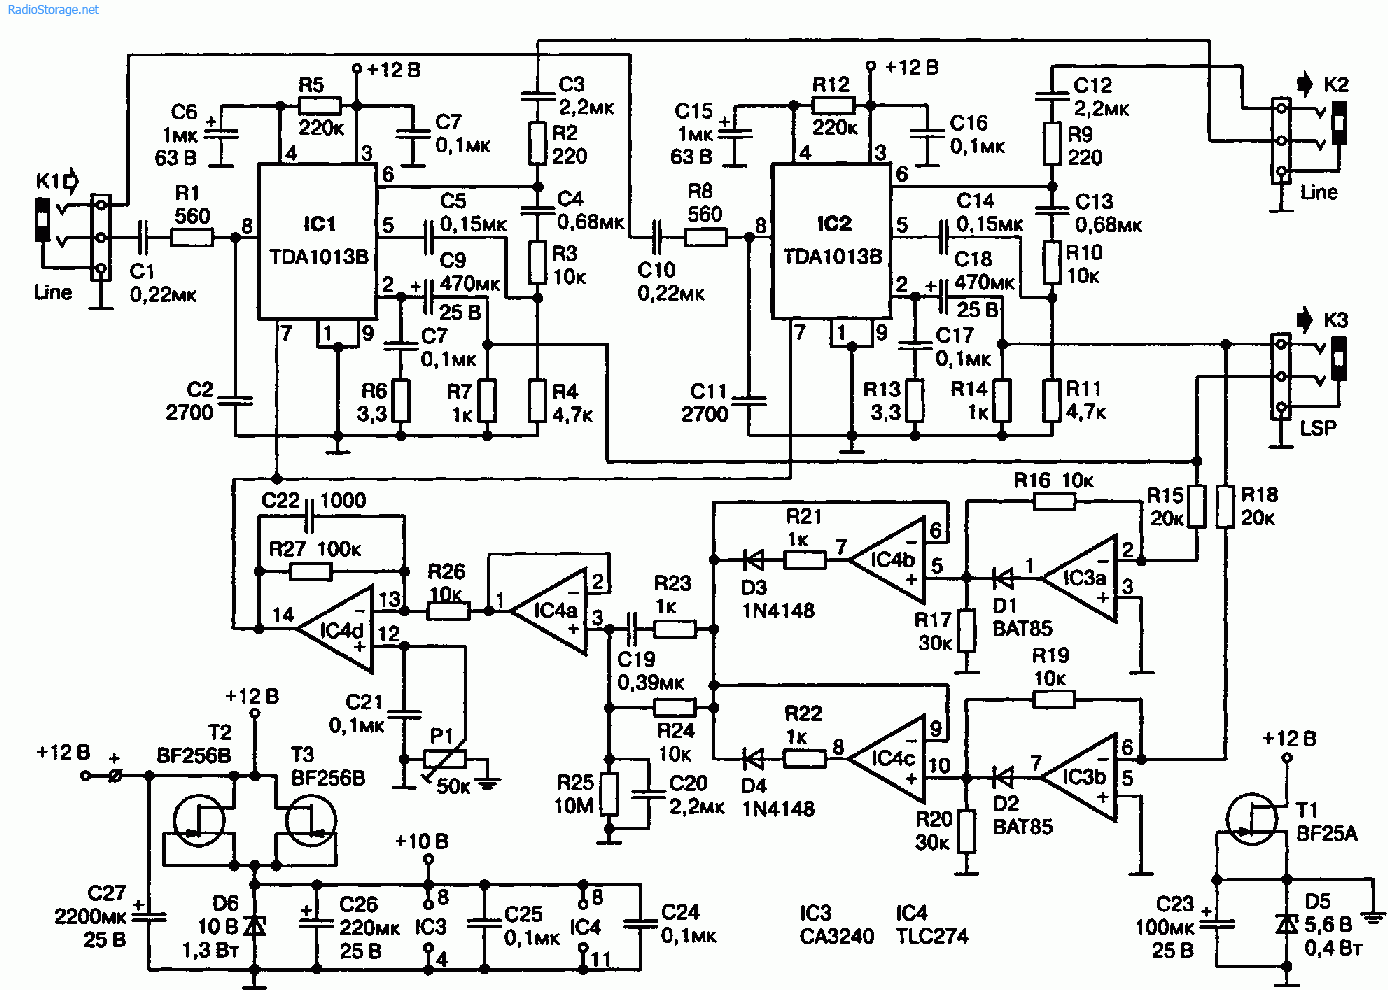 Схема УНЧ Т. Гизбертса с БАРУ-лимитером